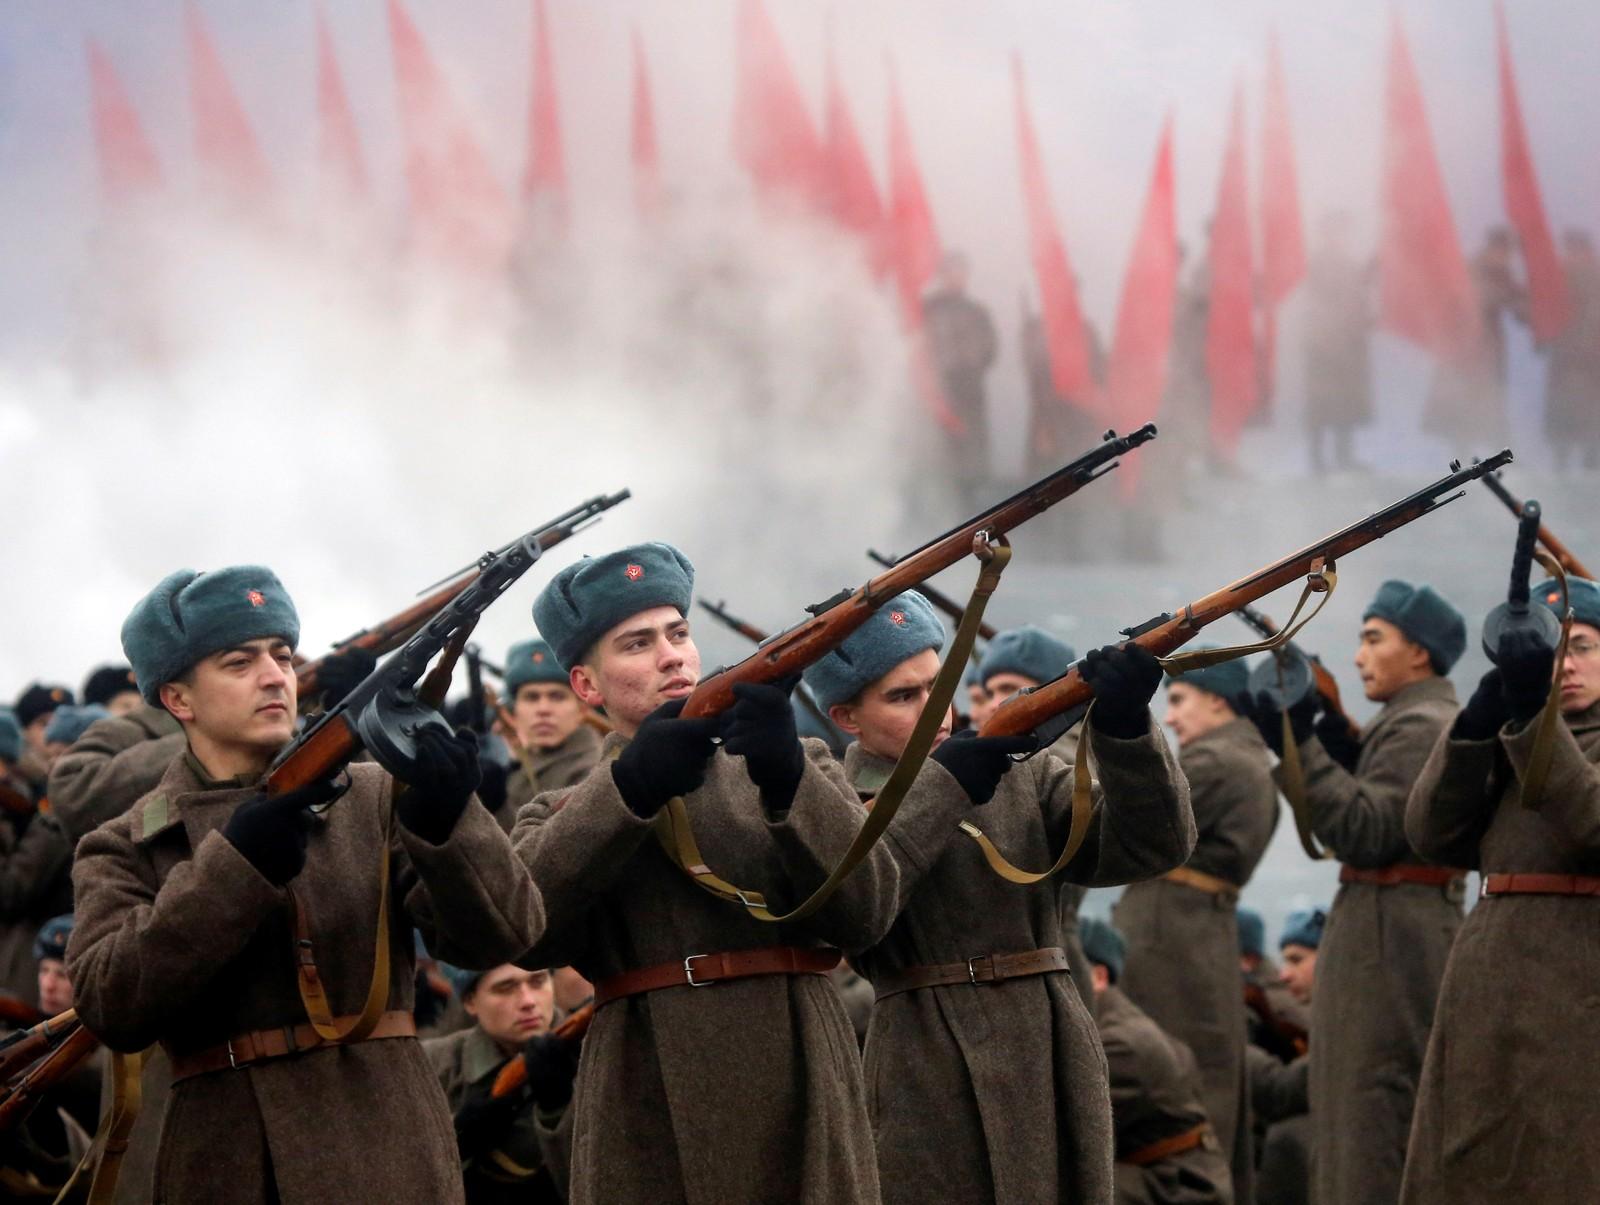 - Eit skuleeksempel på patriotisme og mot, sa statsminister Medvedev i dag om soldatane som kjempa i slaget om Moskva og hindra nazistane i å ta byen.